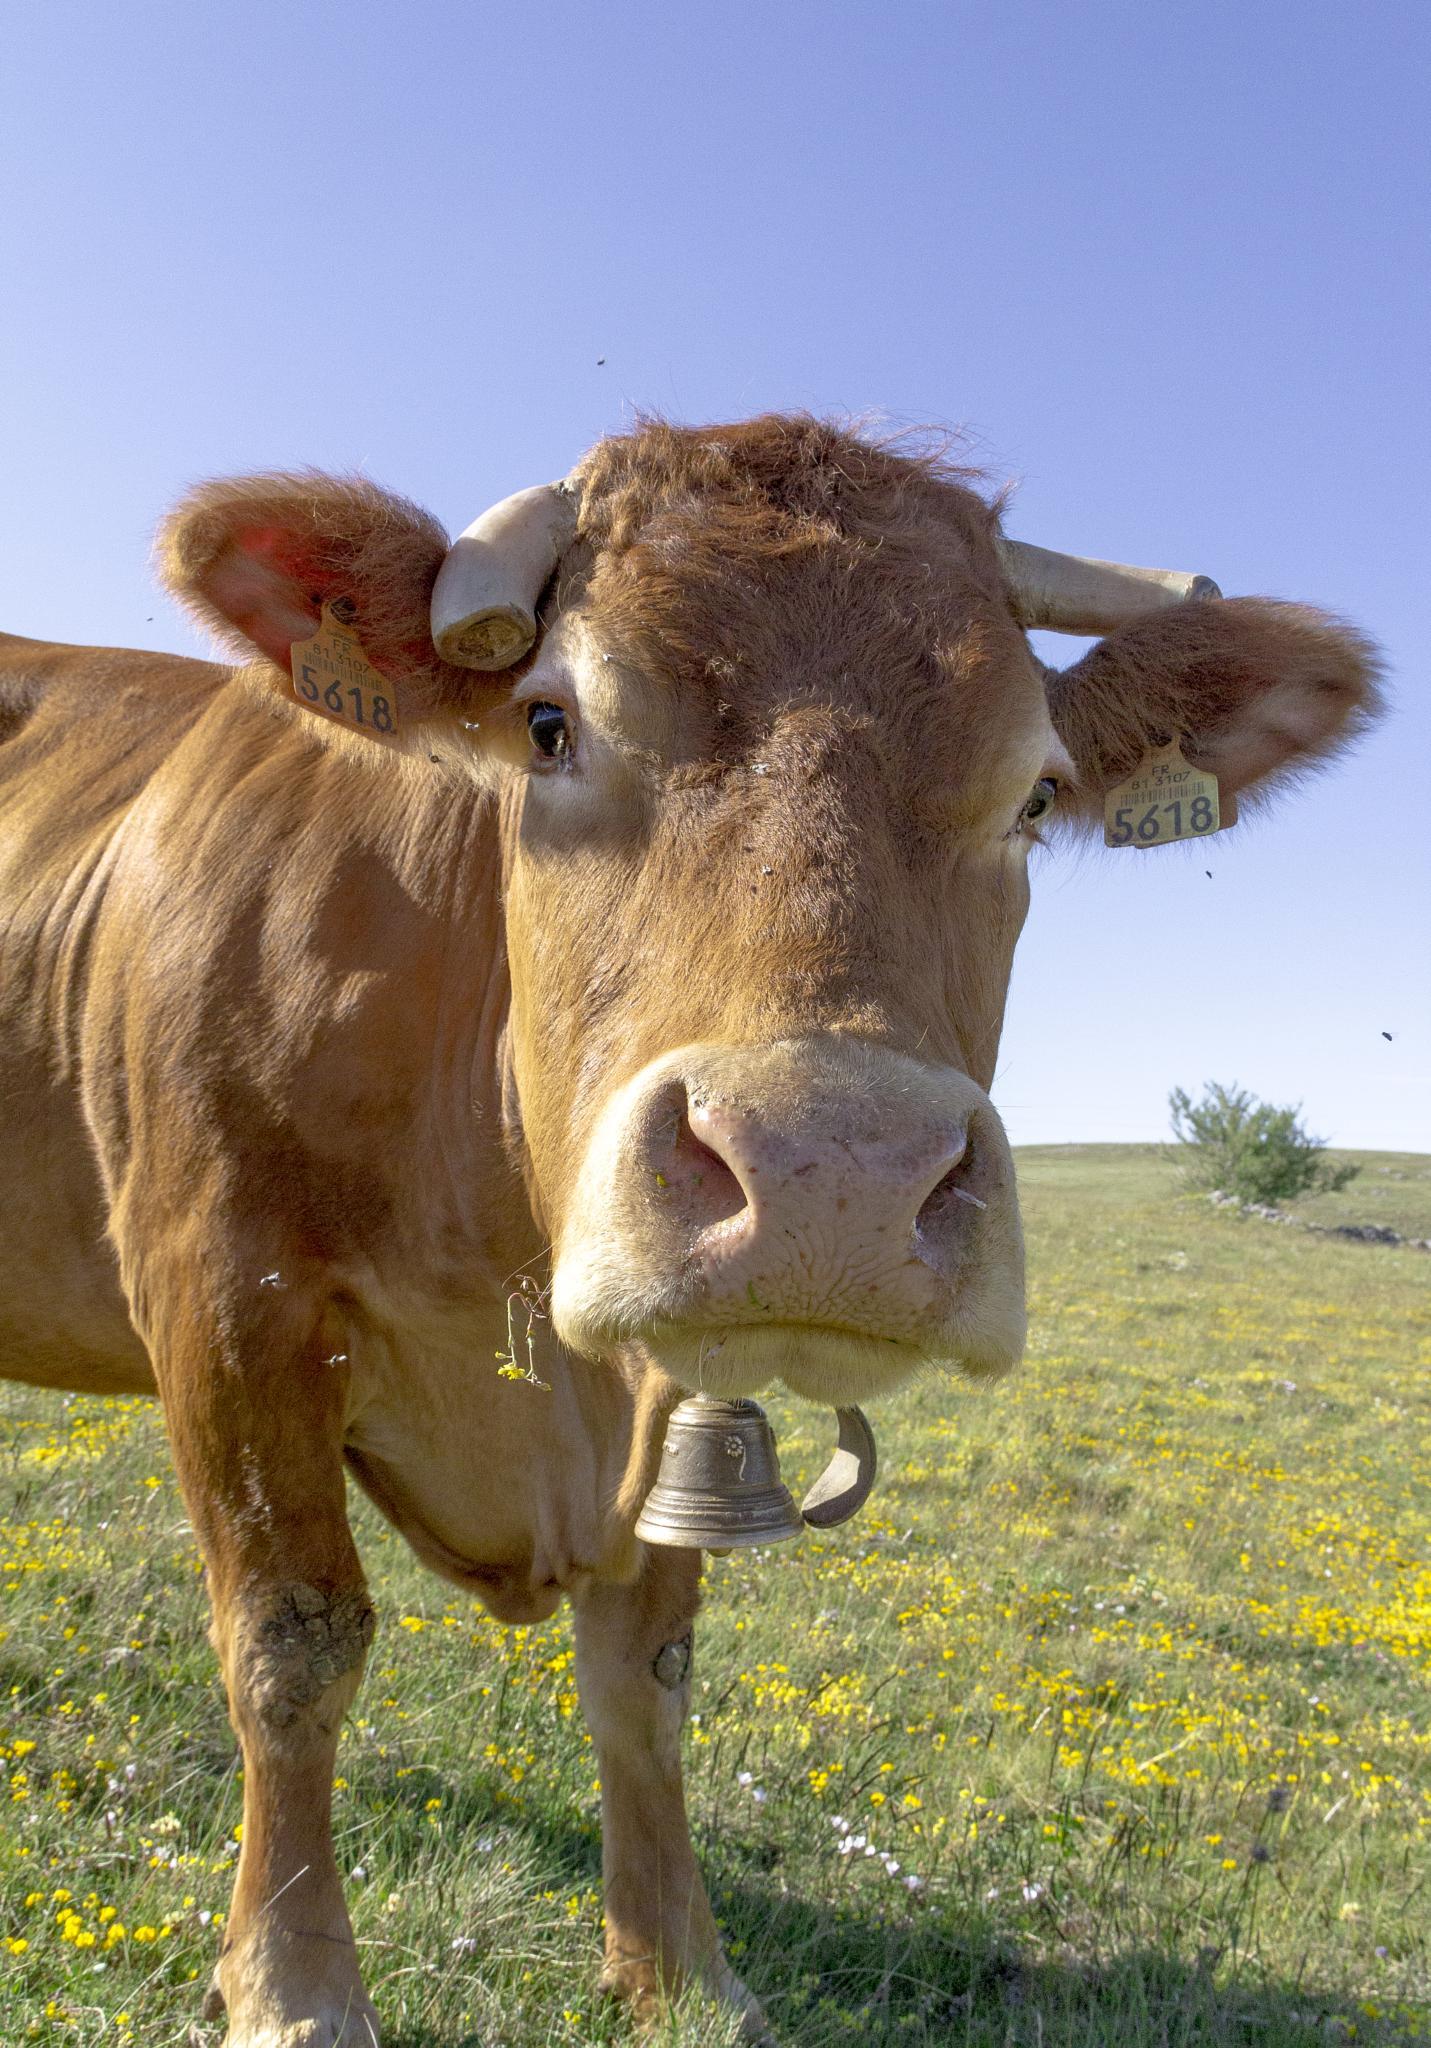 Cow by Miguel Cruz